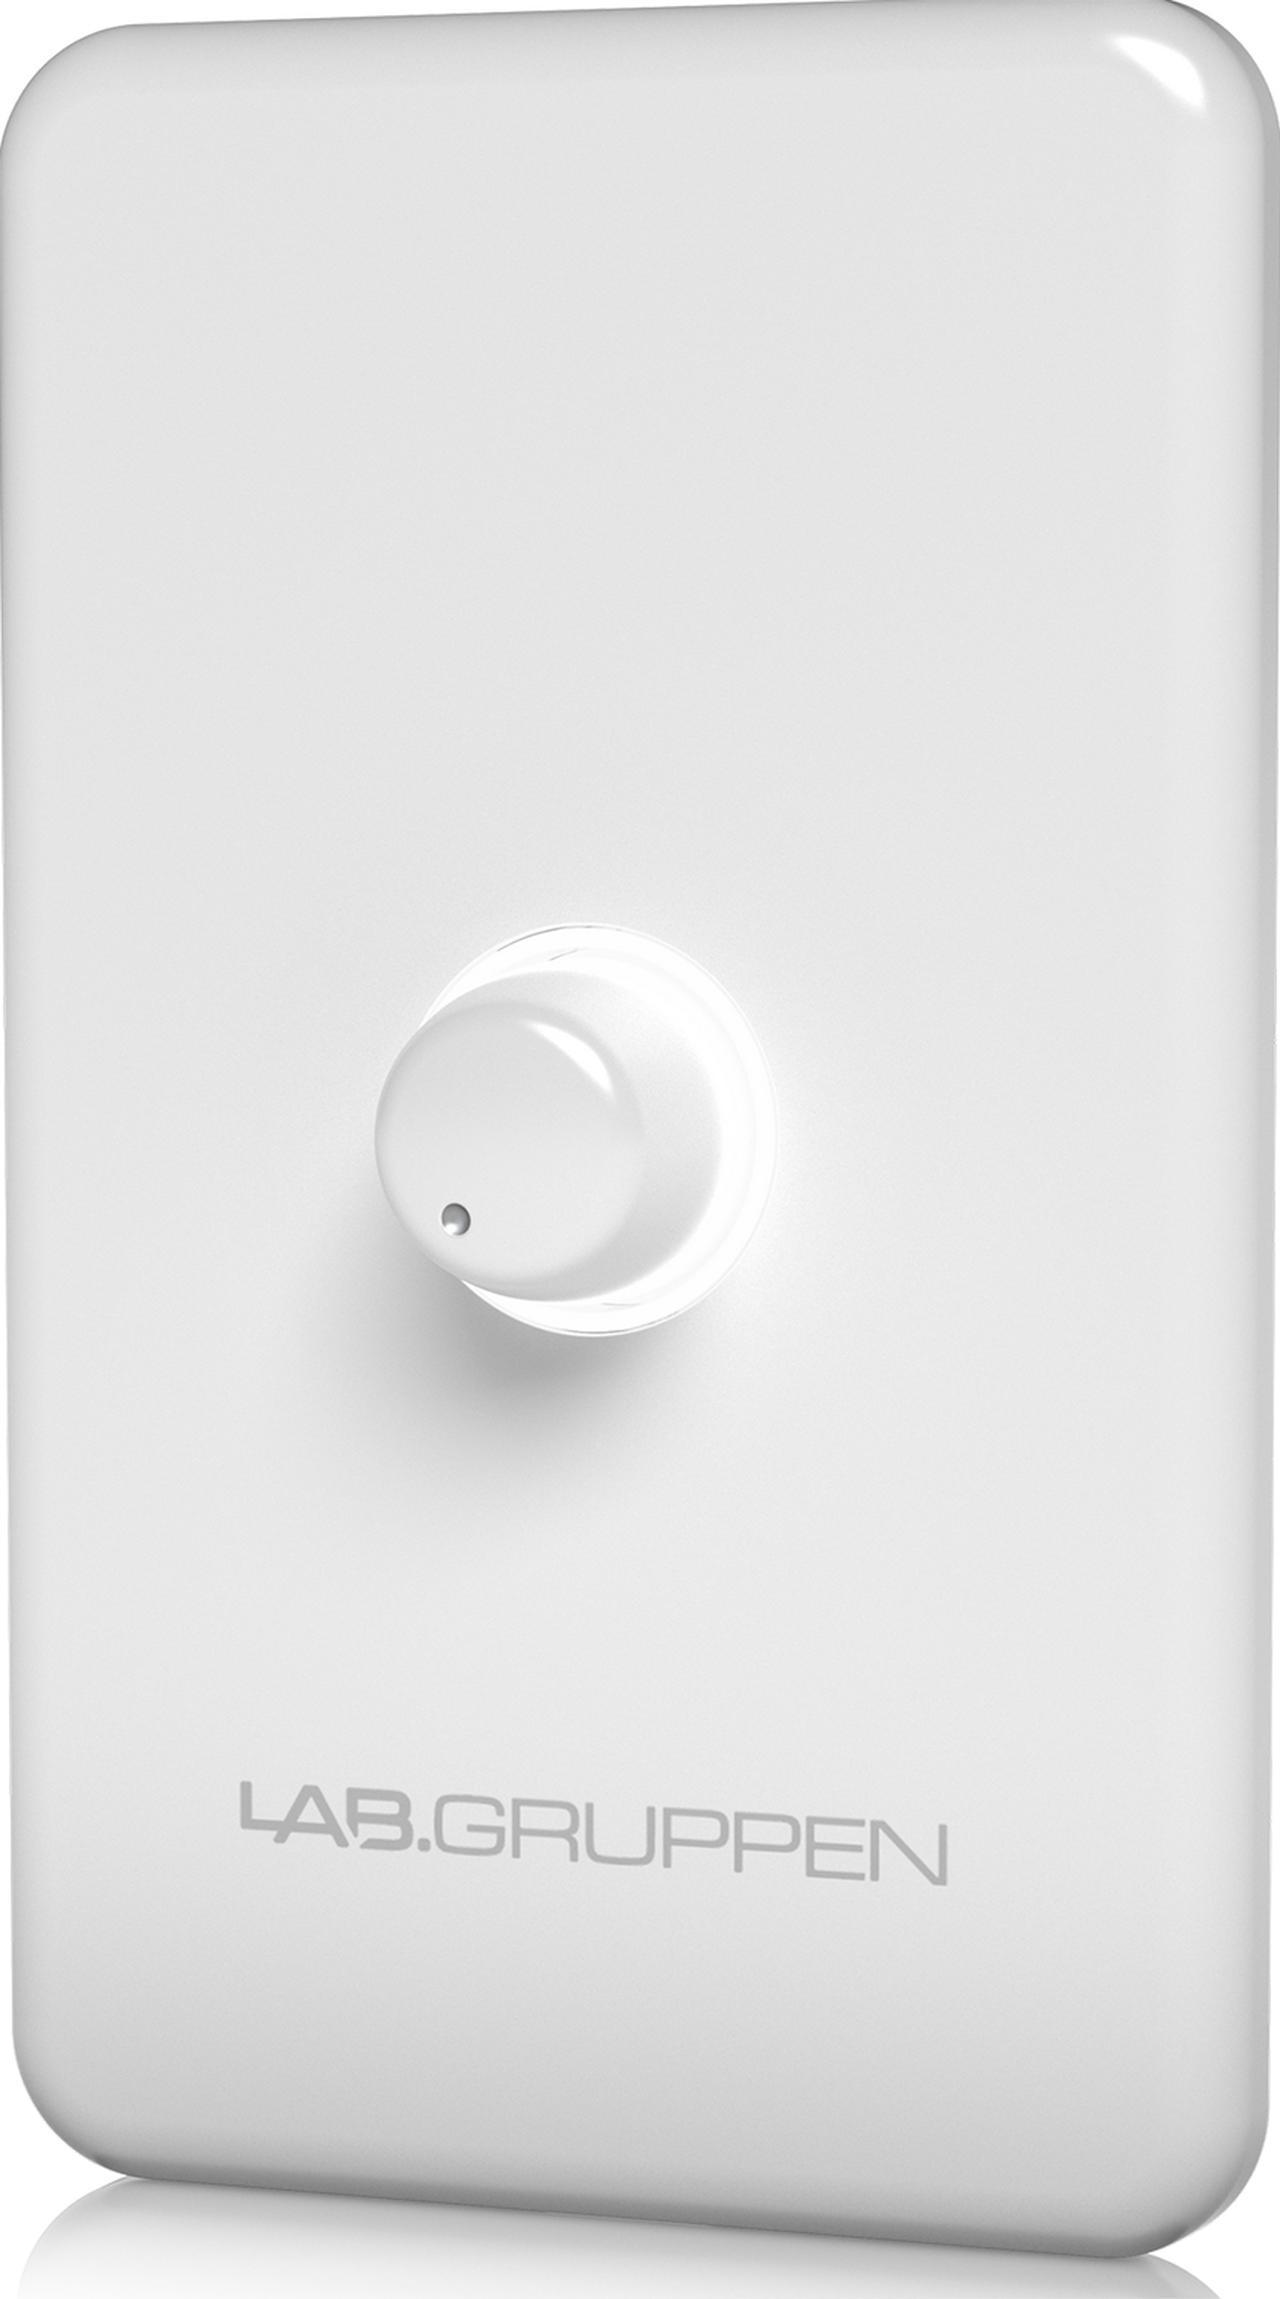 画像: ←オプションの壁取り付けようボリュームコントローラー (標準RJ45コネクターによる接続) CRC-VUL-WH(白) ¥8,800・税込